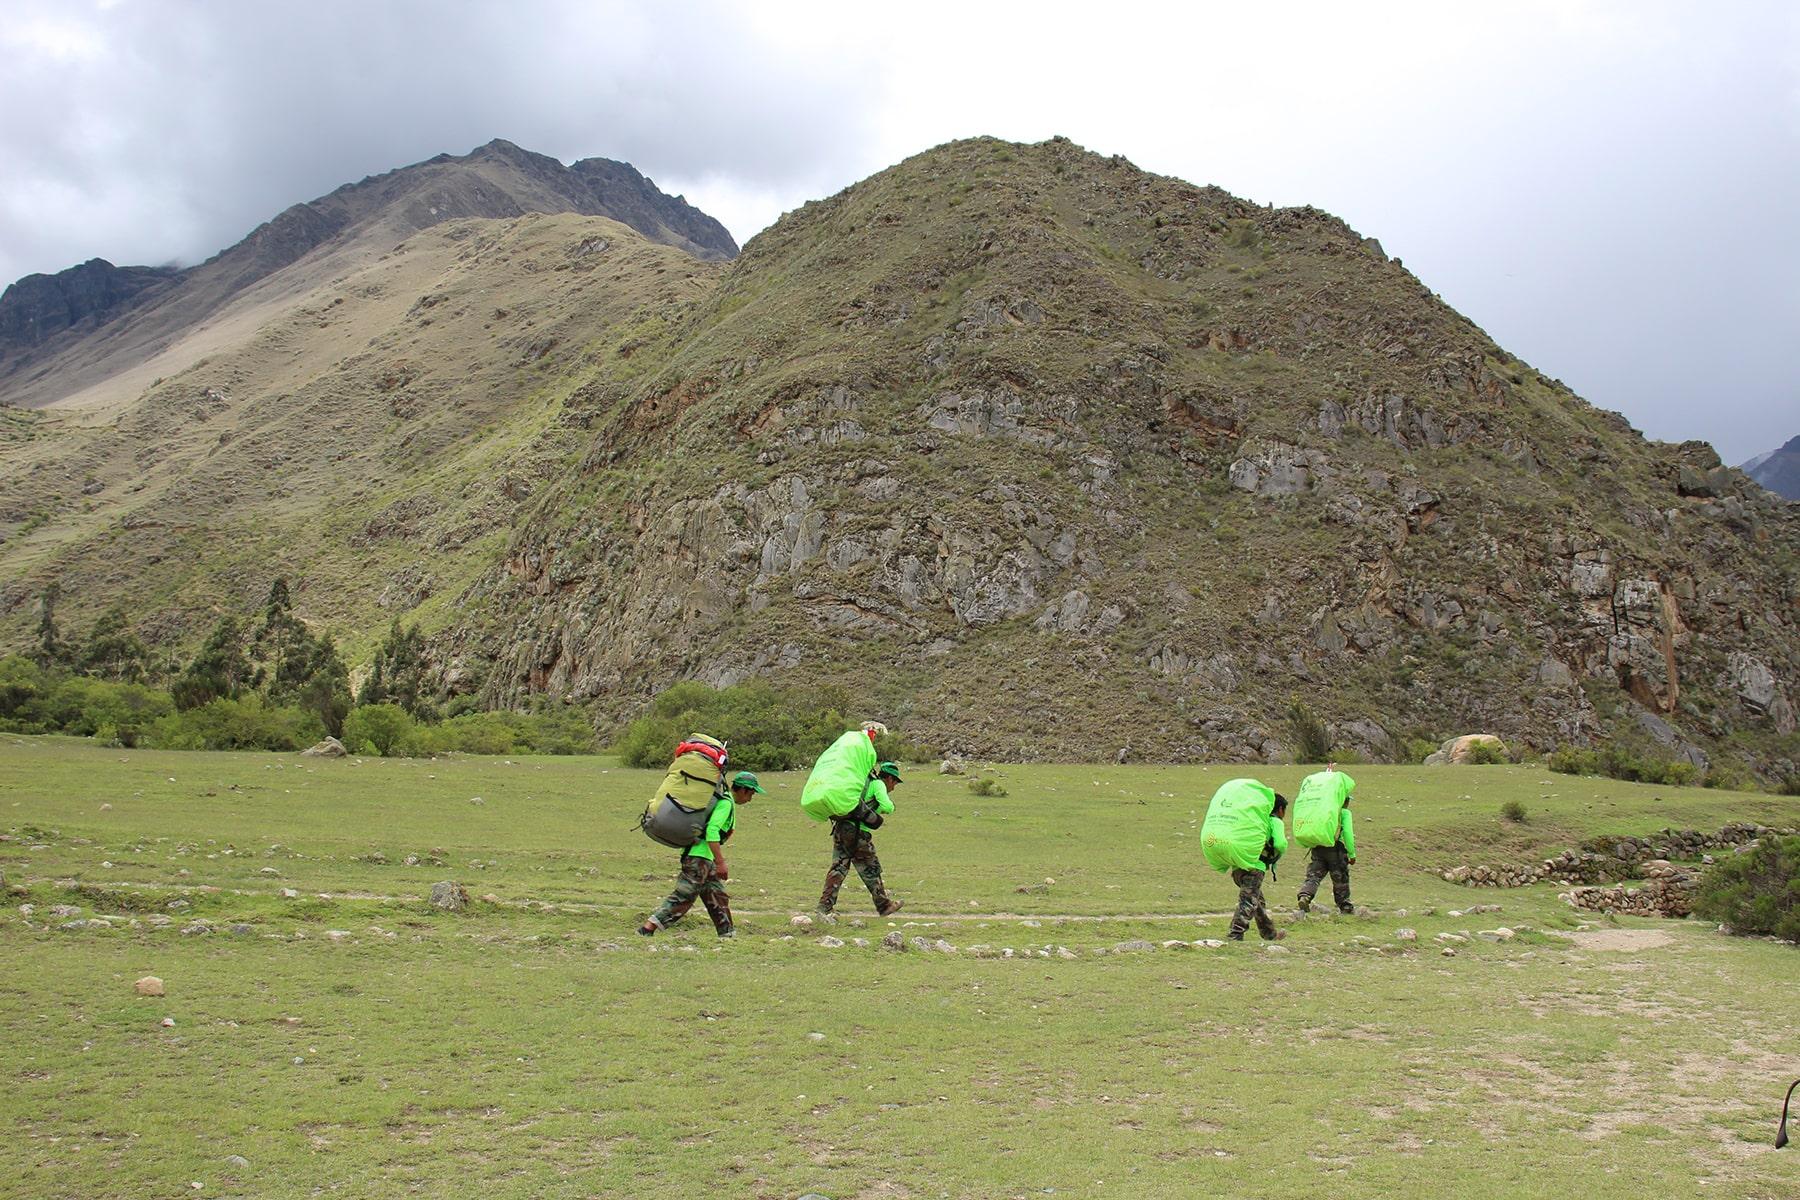 Les porteurs de l'Inca Trail